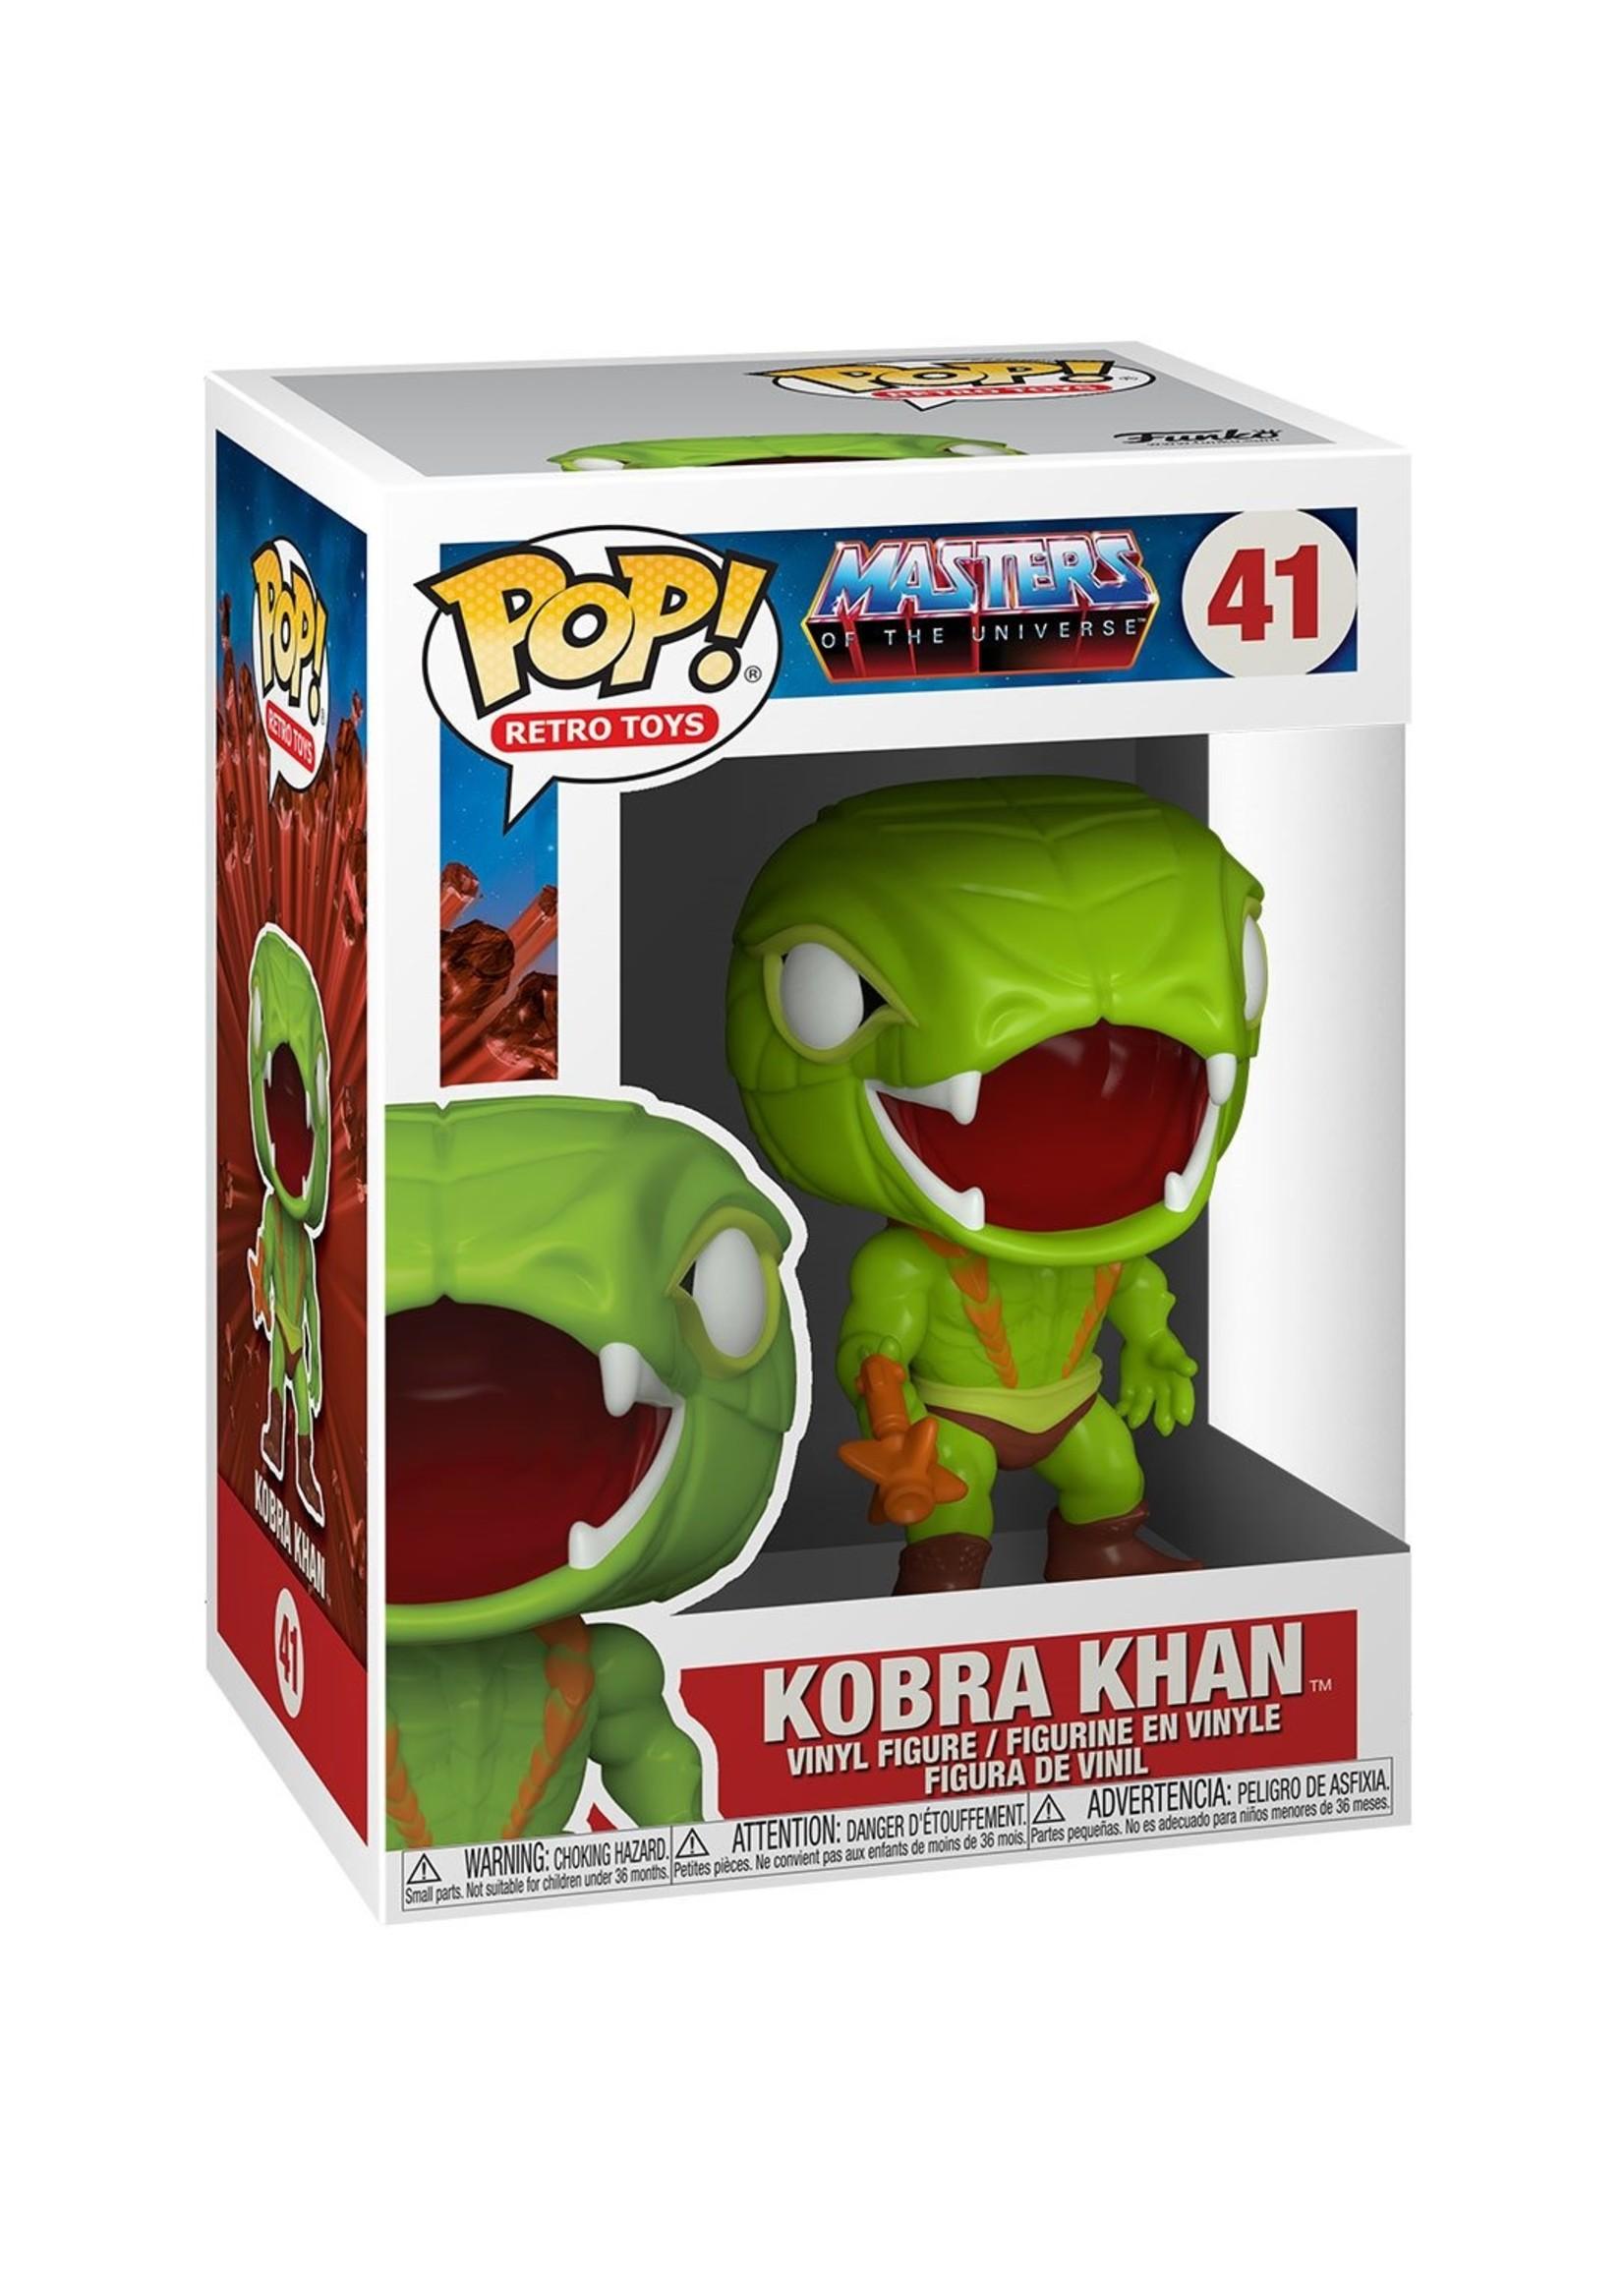 Motu Kobra Khan